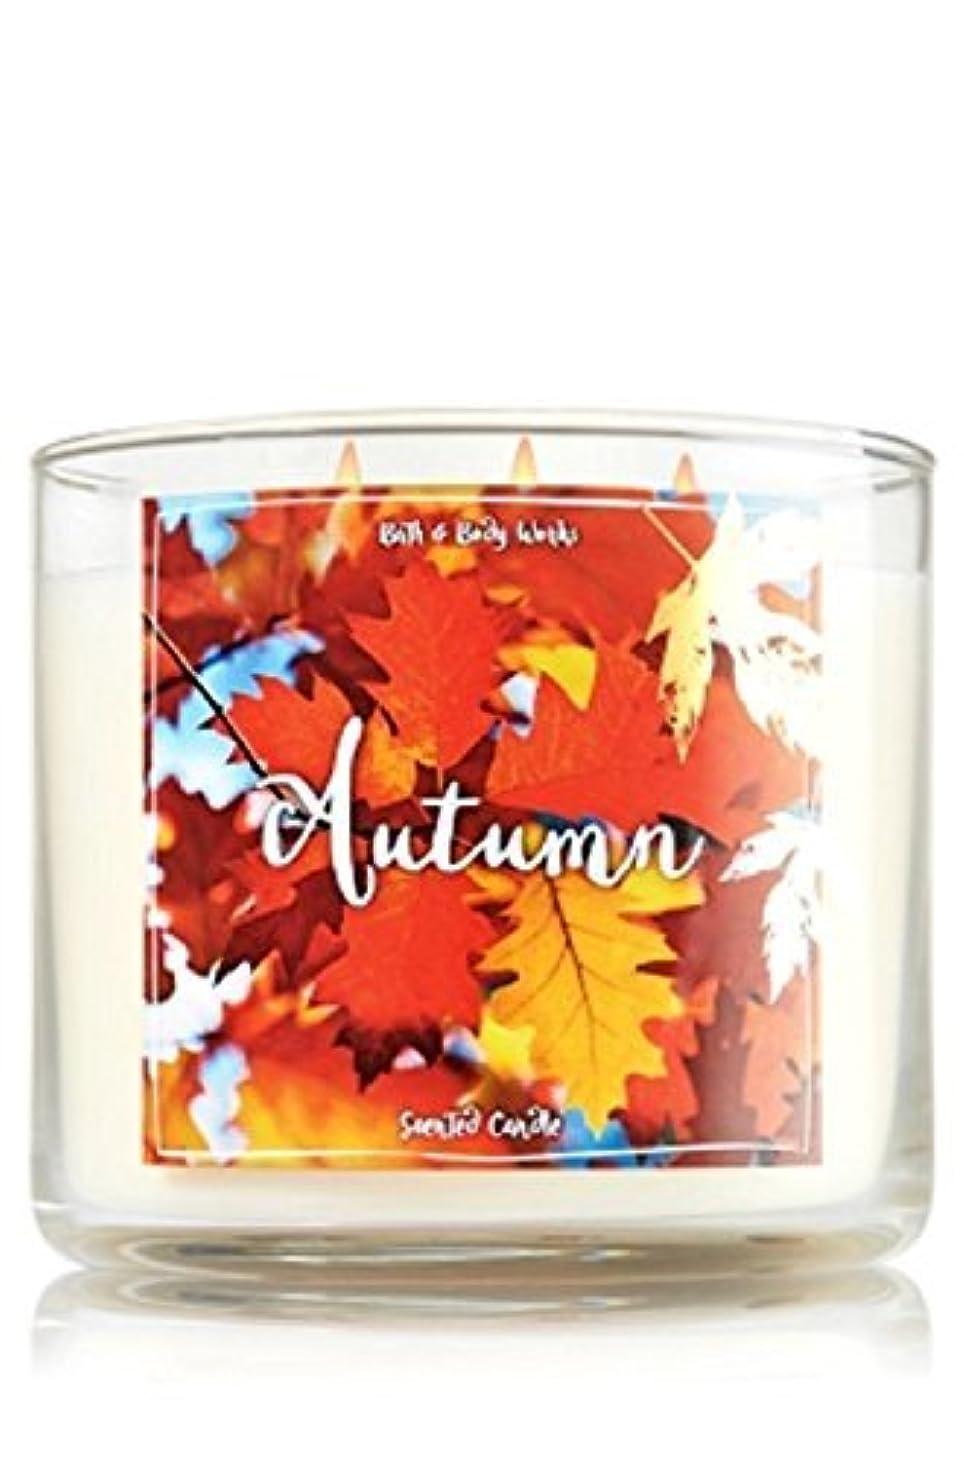 悲しいことに規模フォーカスBath and Body Works Autumn Candle - Autumn Scent 14.5 oz Large 3-wick Candle for Fall [並行輸入品]